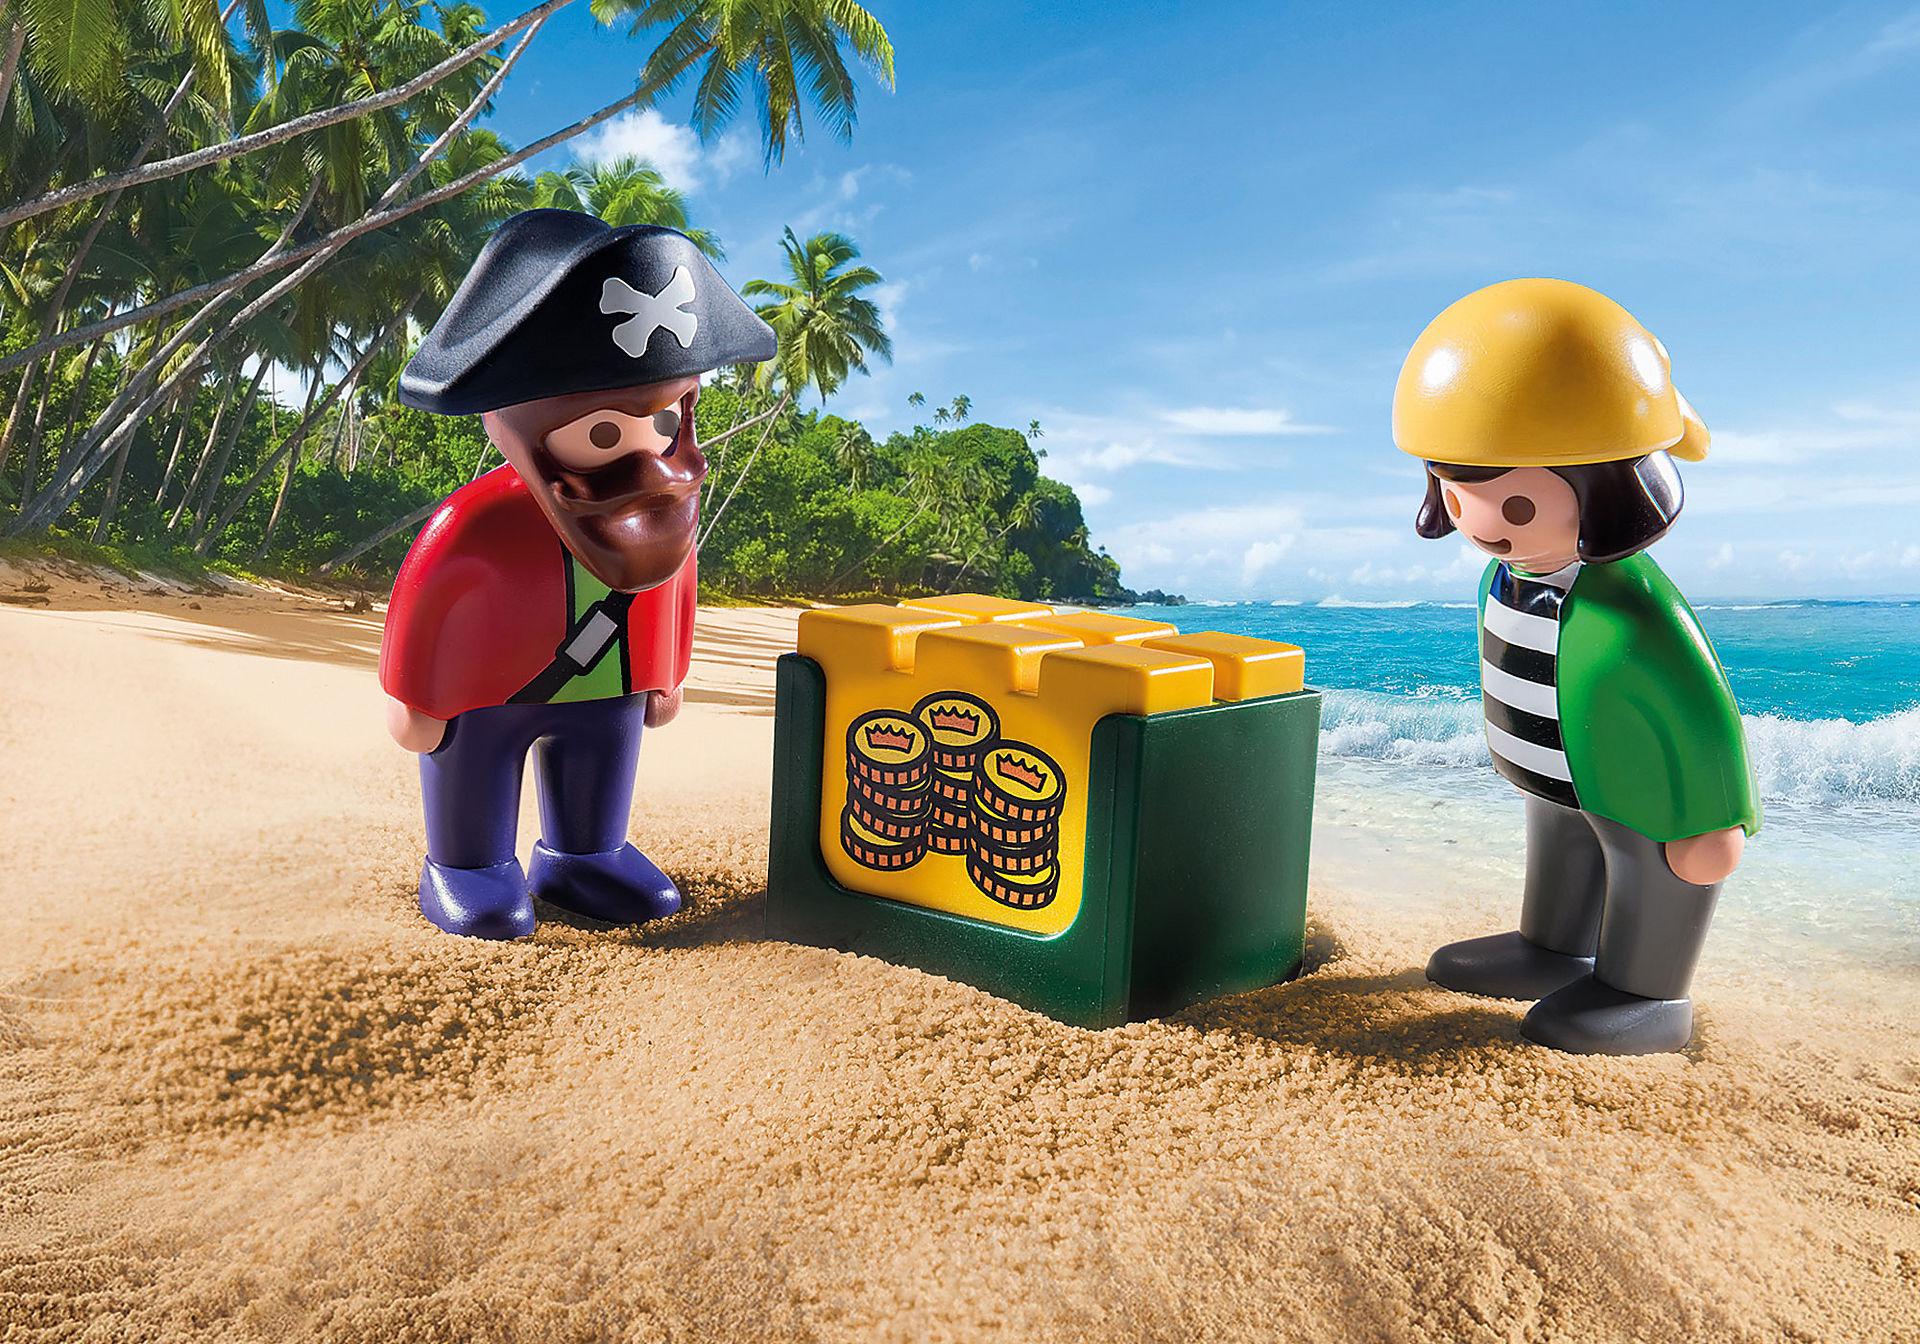 9118 Bateau de pirates zoom image5